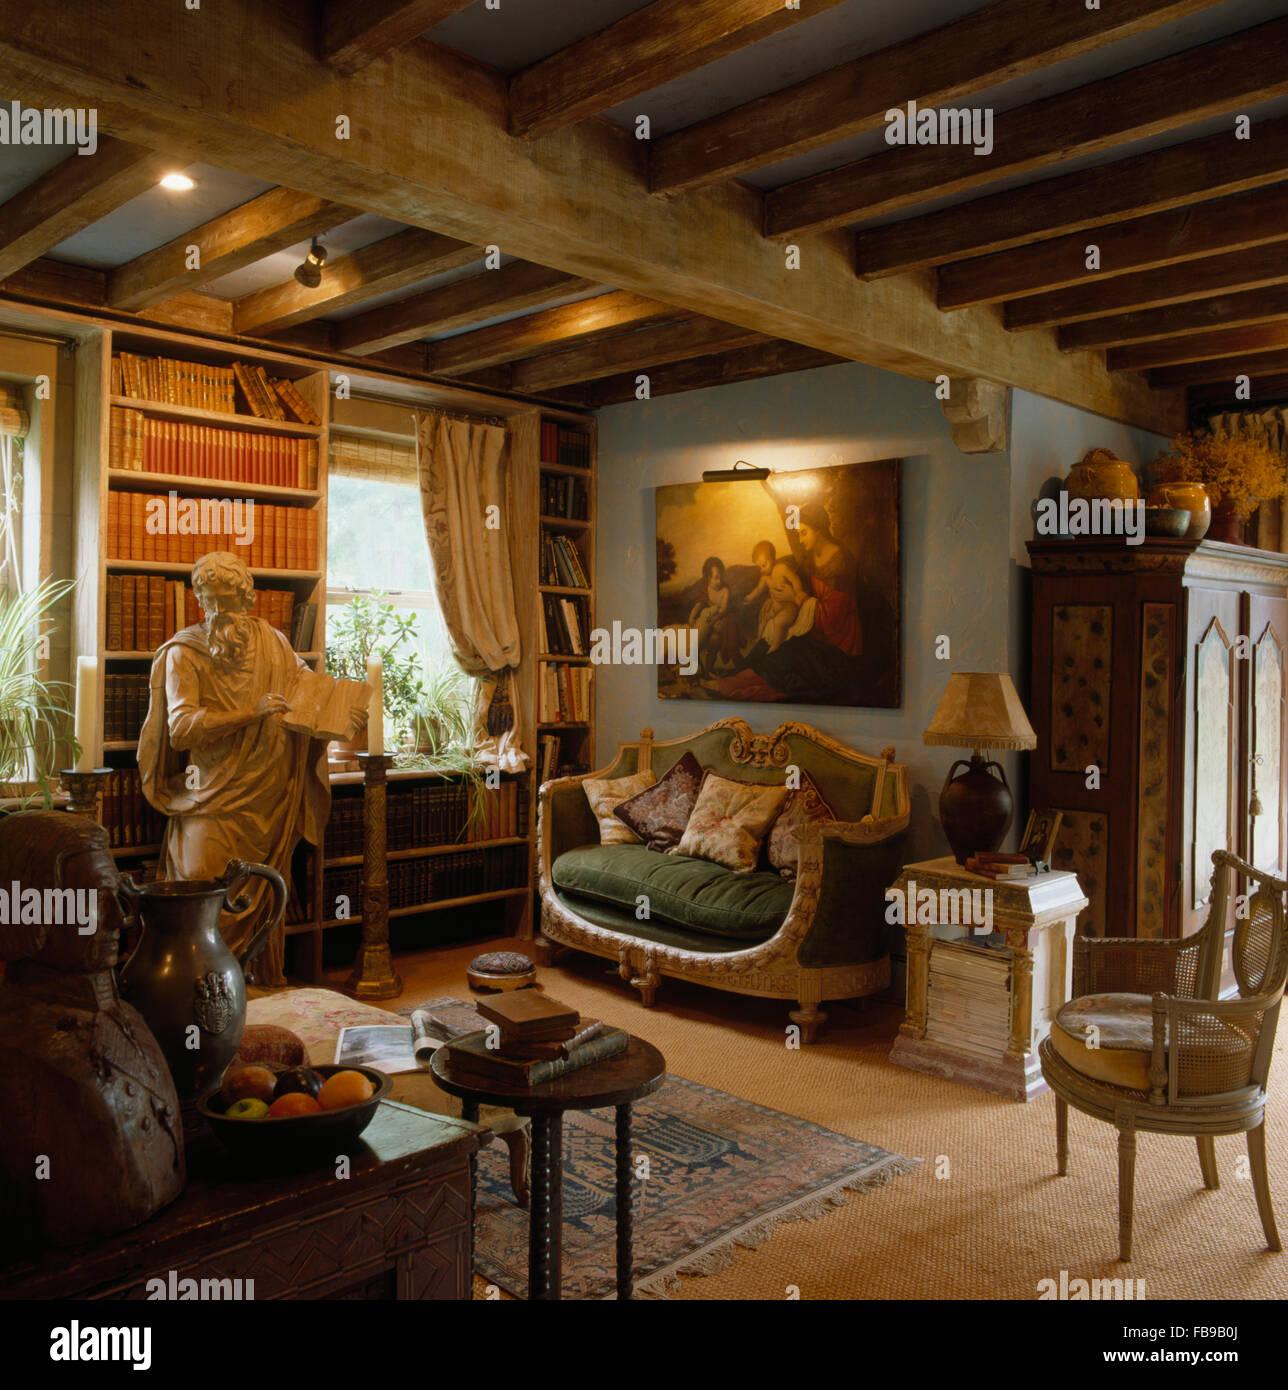 Malerei über Kleinen Französischen Stil Sofa Holzbalken 80er Jahre  Wohnzimmer Mit Einer Kirchlichen Statue Vor Bücherregalen